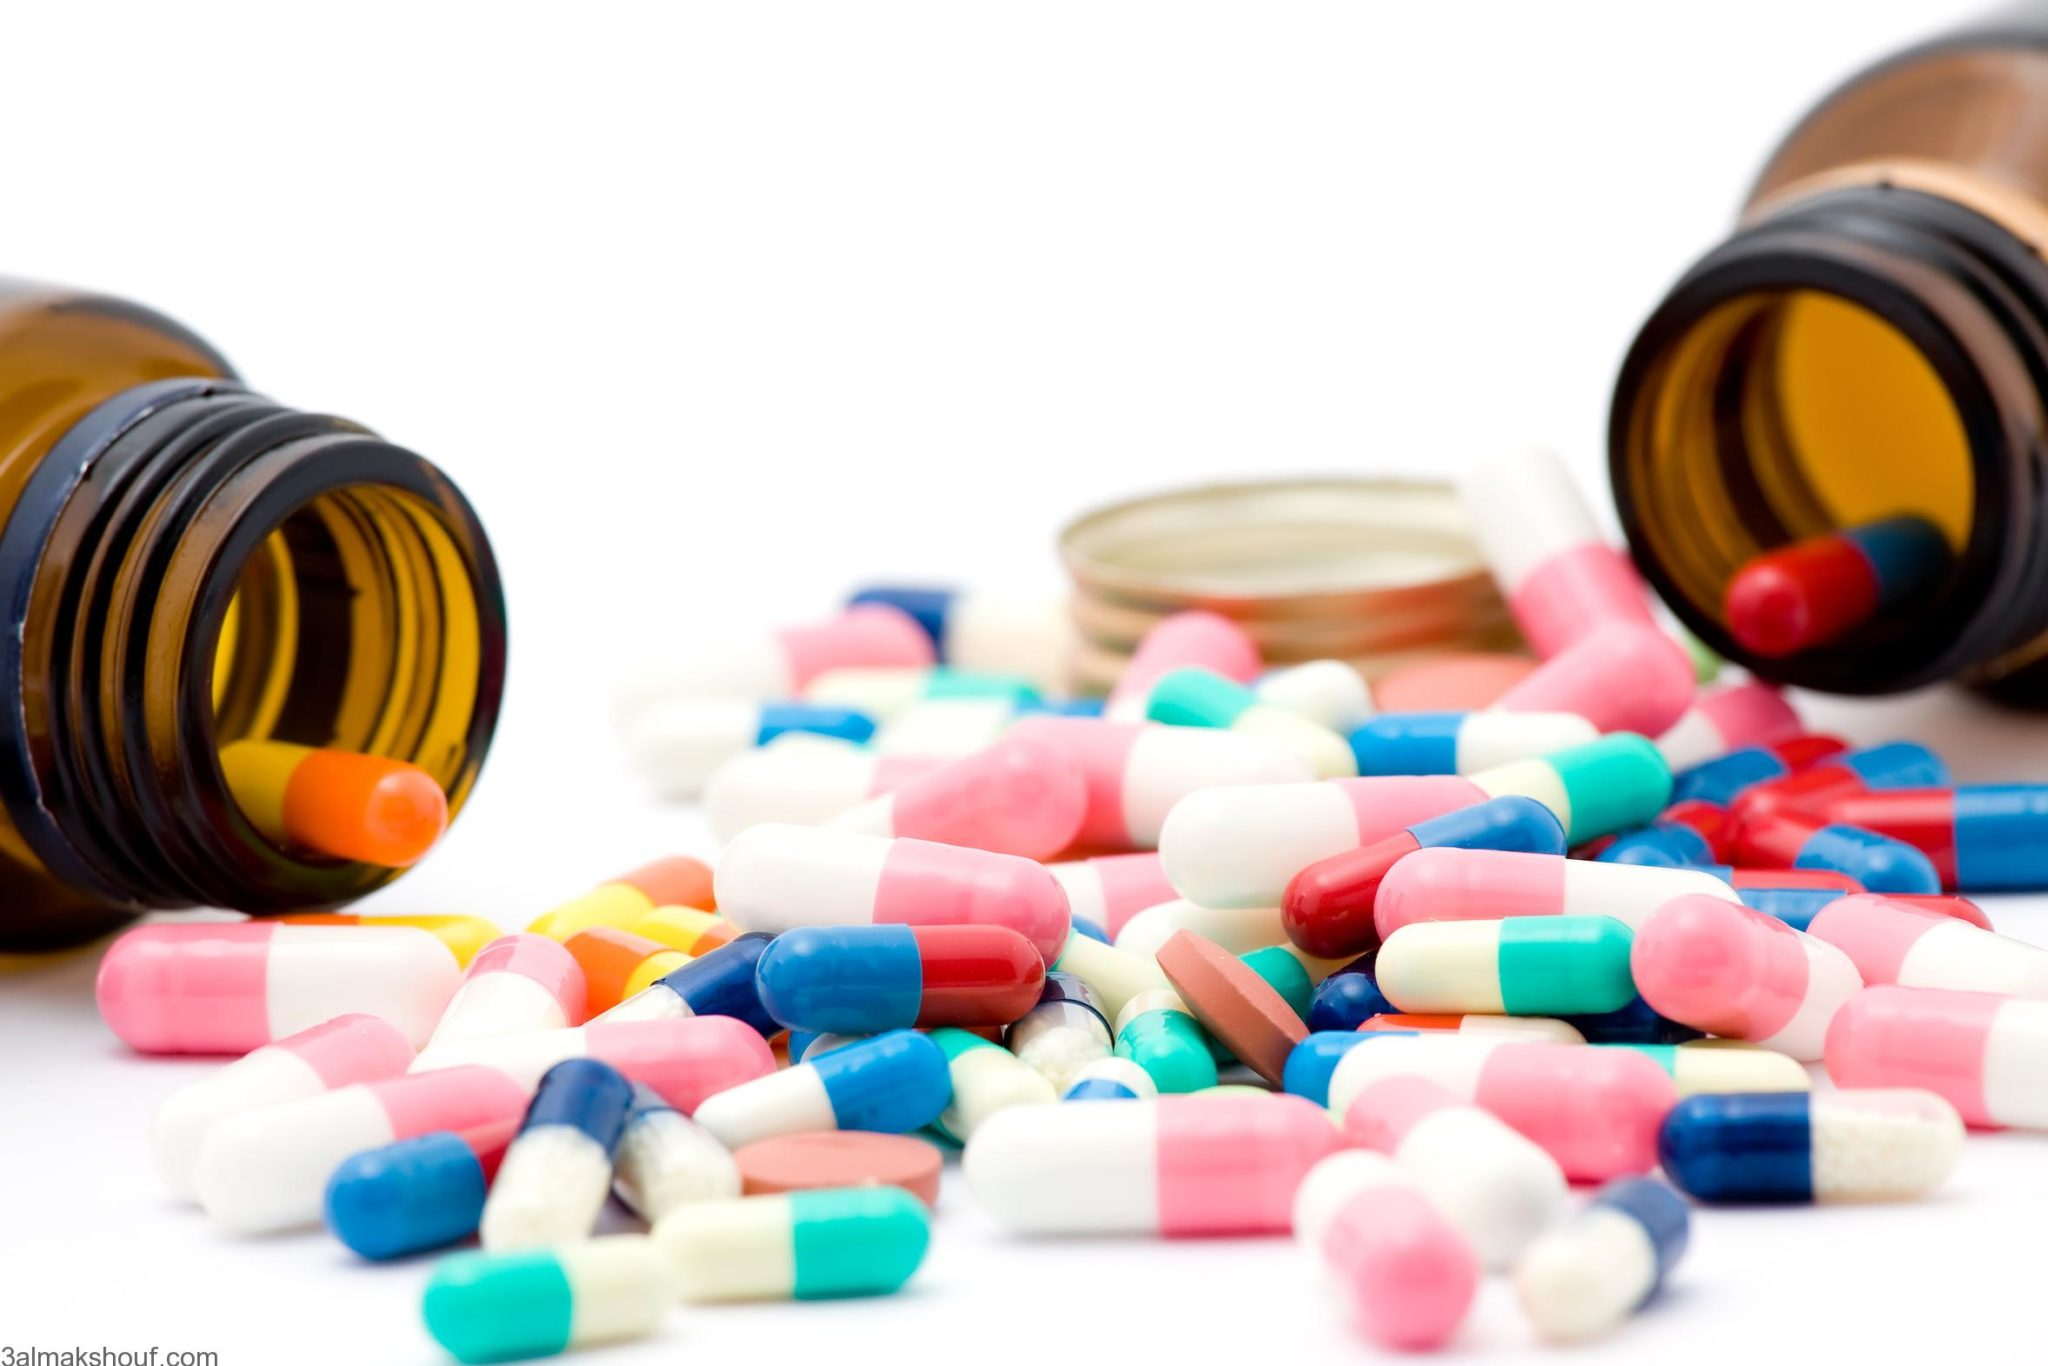 رصيد الأنسولين آمن ويكفي احتياجات السوق لمدة 7 أشهر